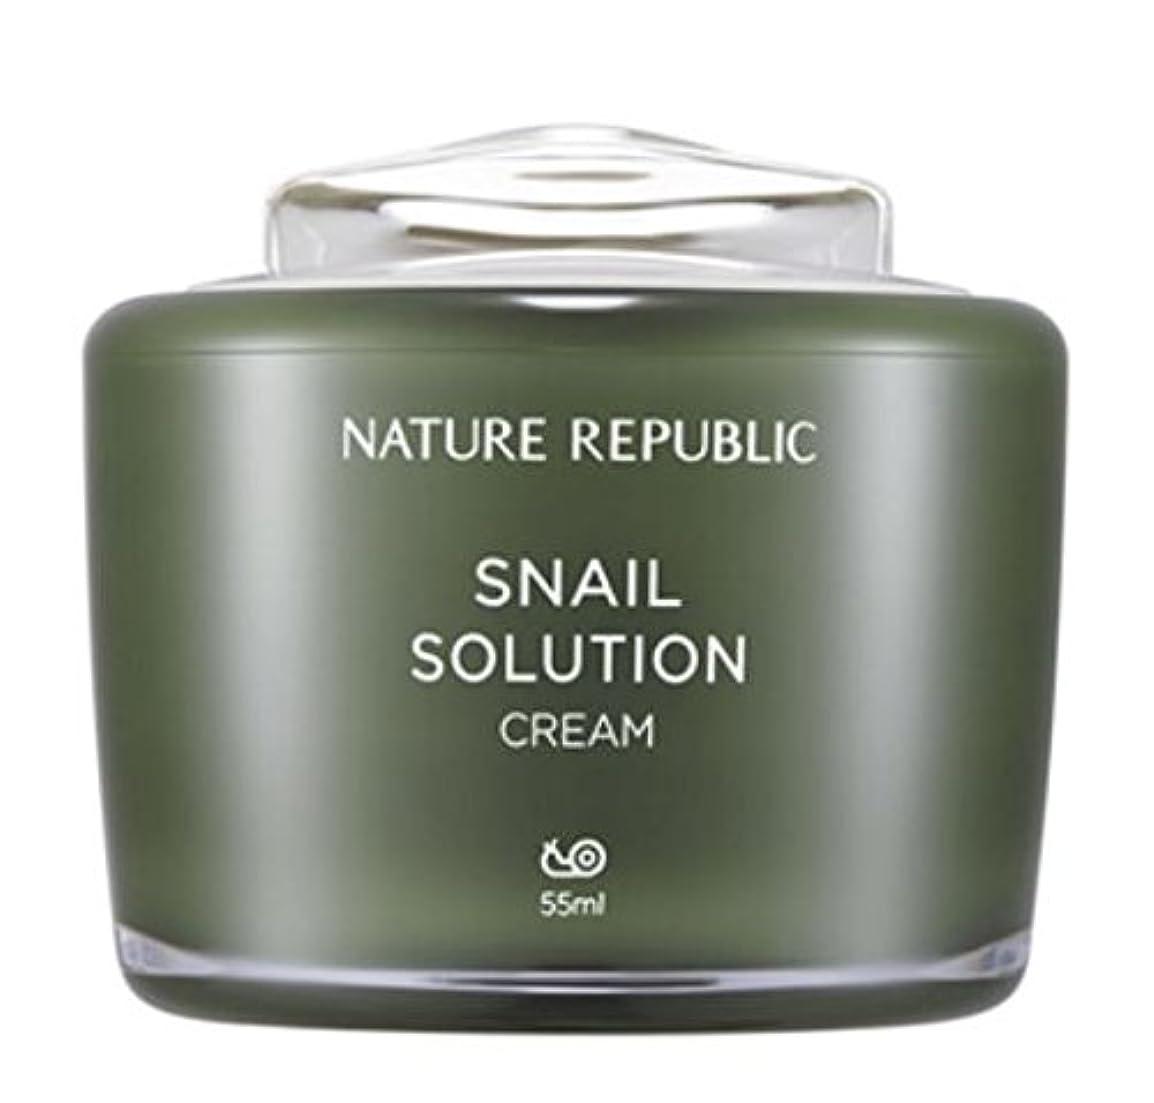 アイデア有毒な海岸正規輸入品 NATURE REPUBLIC(ネイチャーリパブリック) S SOL クリーム b 55ml NK0637